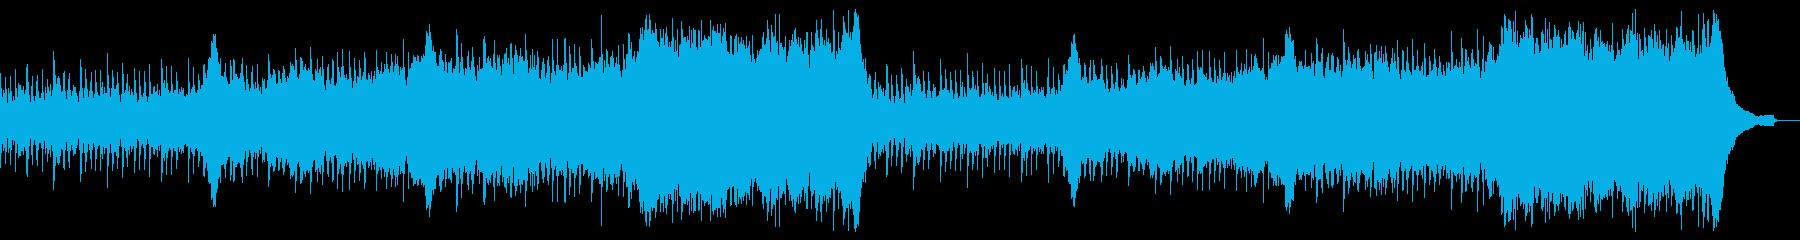 企業VP映像、105オーケストラ、爽快aの再生済みの波形